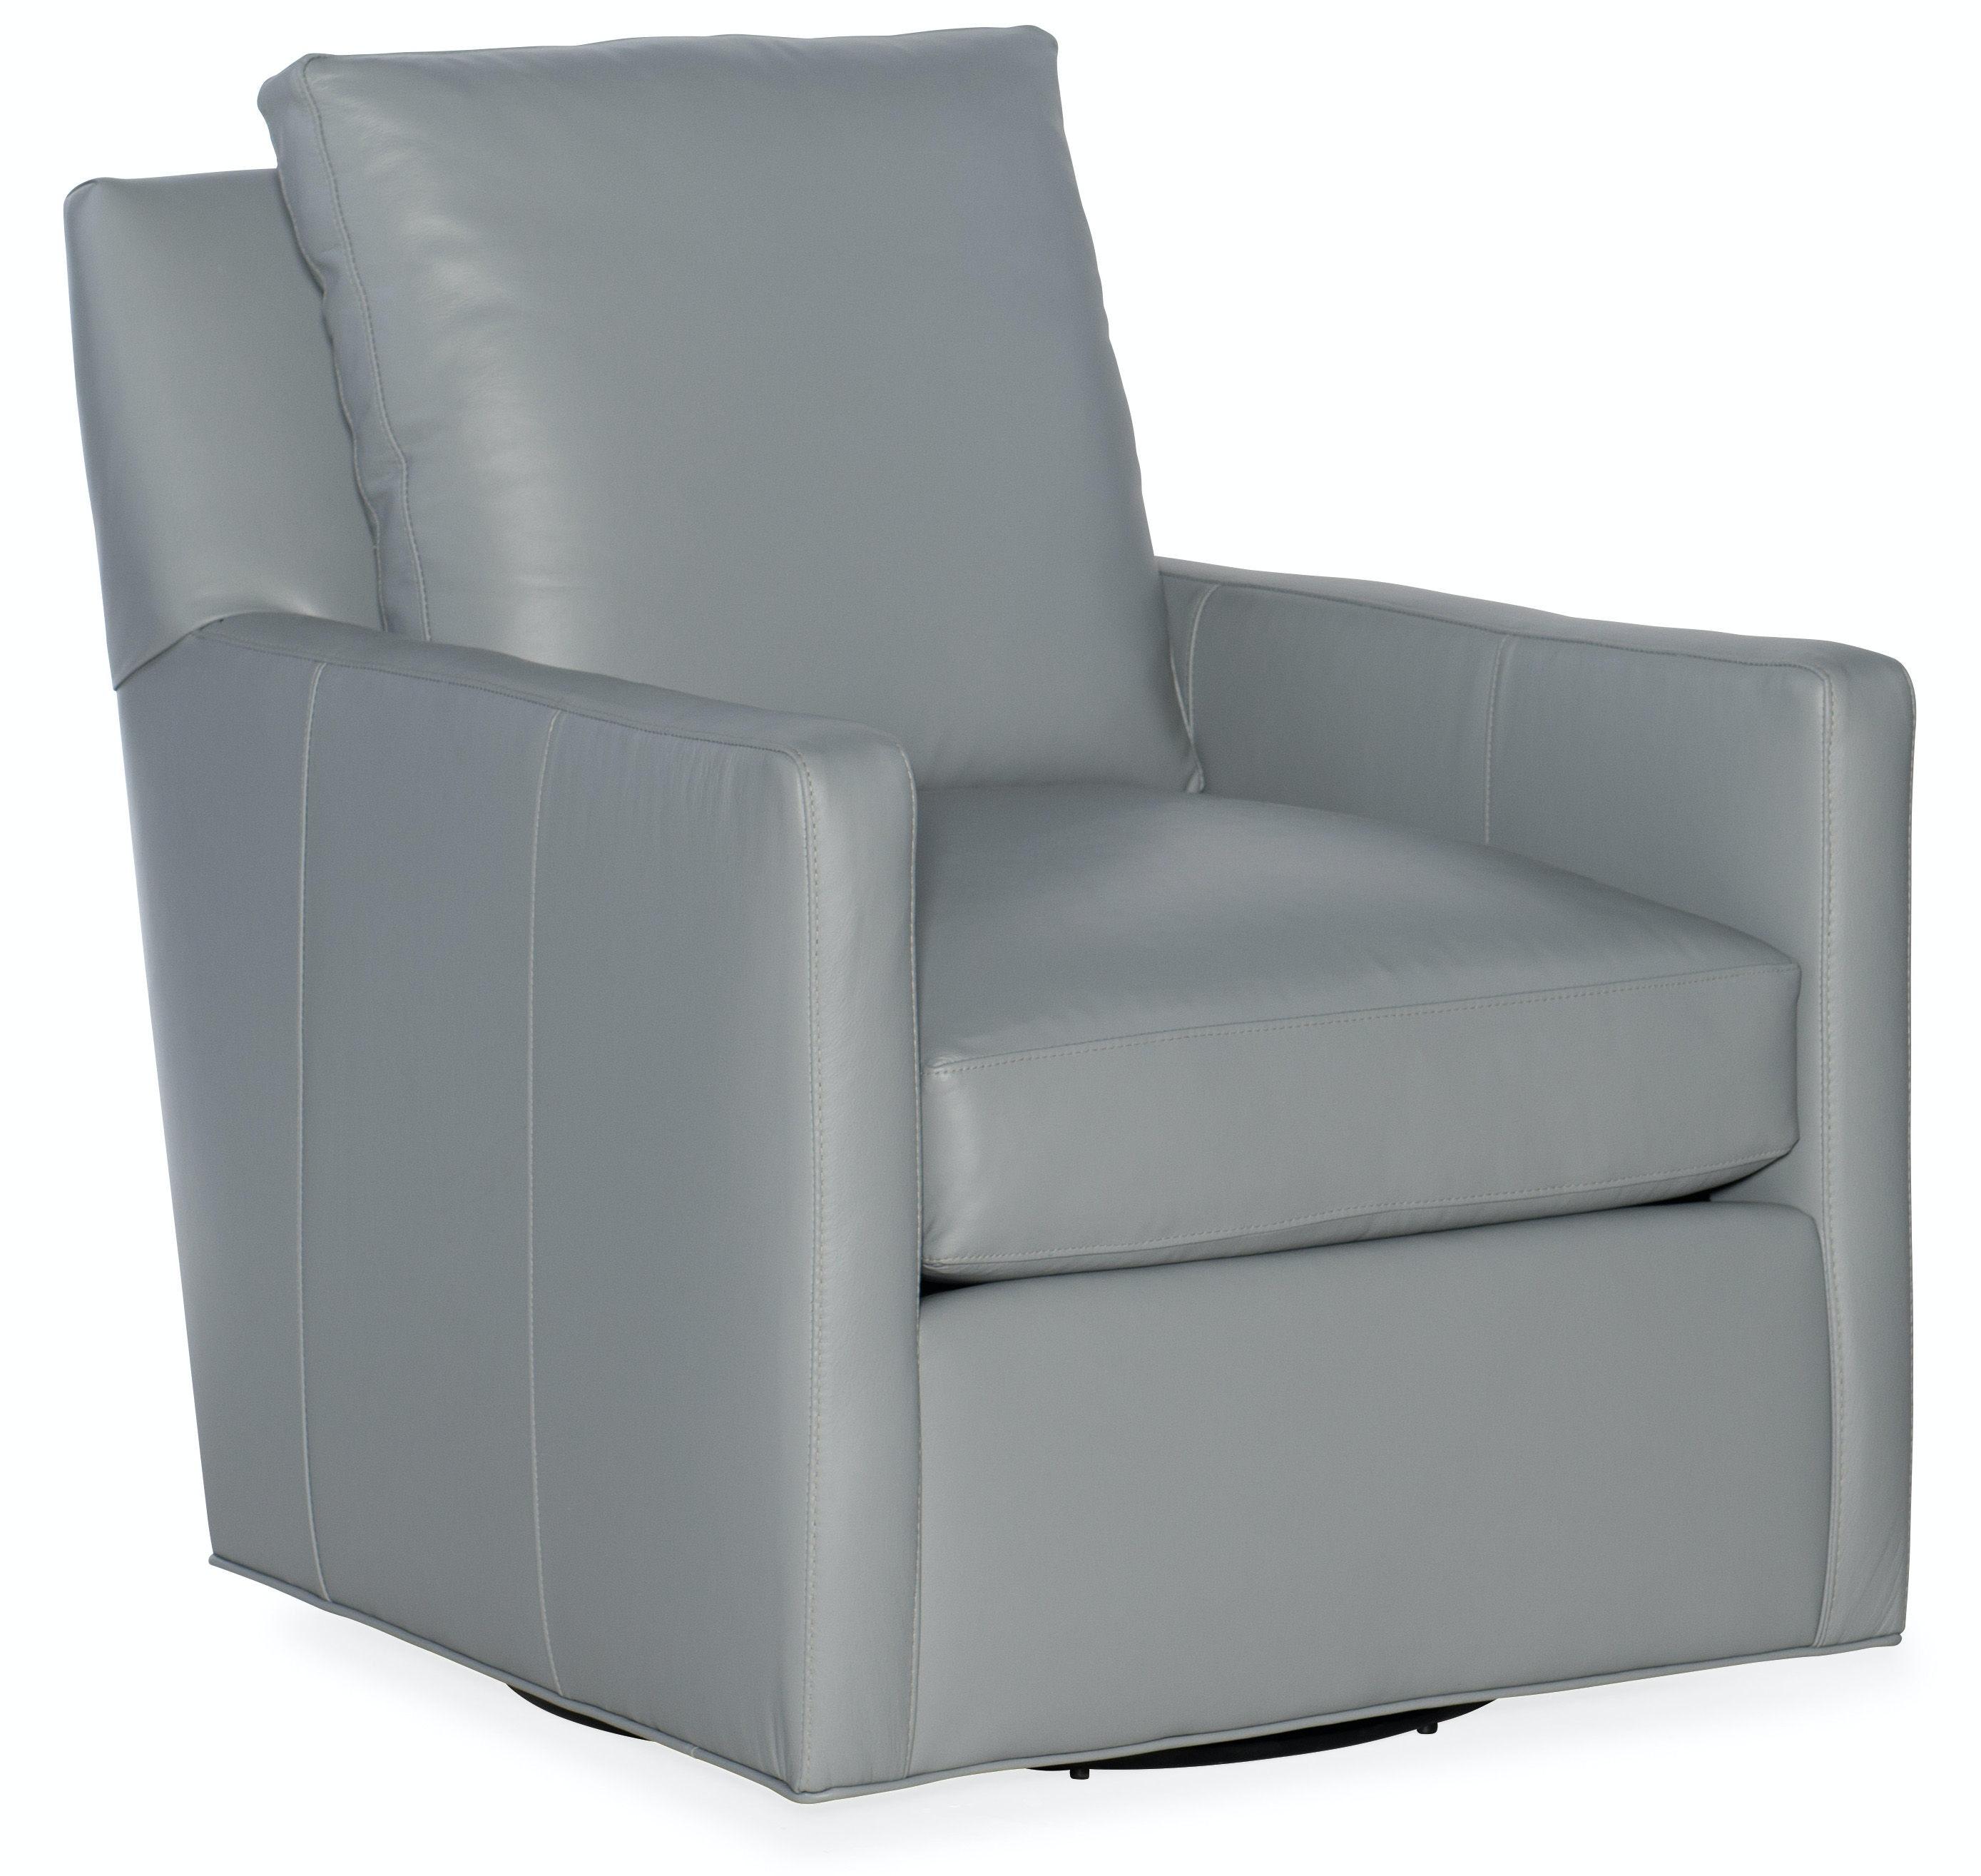 swivel tub chairs enduro fishing chair bradington young living room jaxon 8 way tie 321 25sw